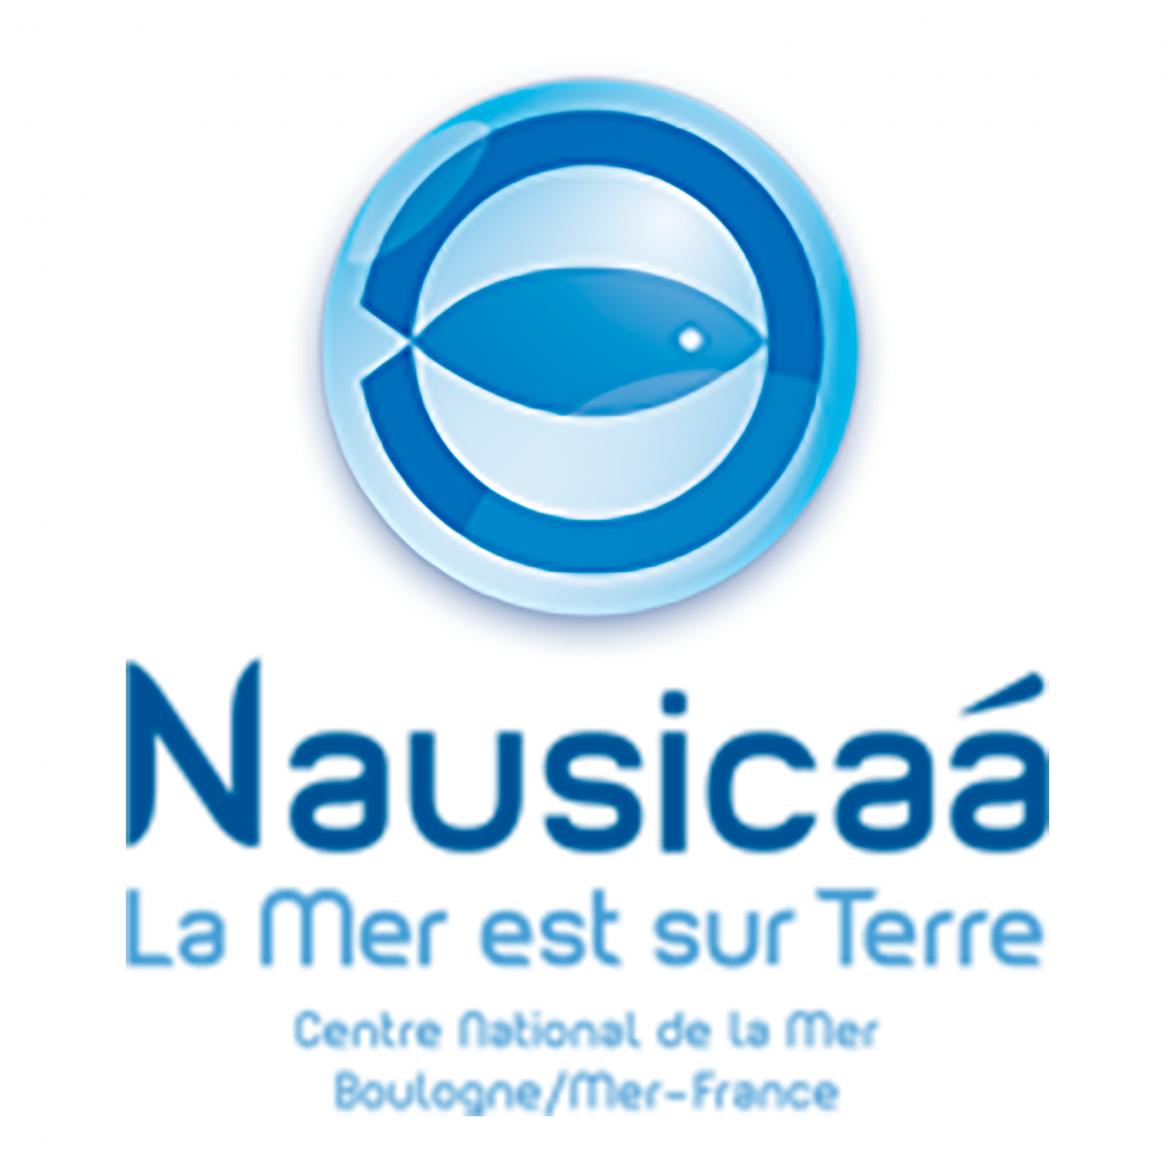 Angèle Von kiss - Mes clients - Nausicaa